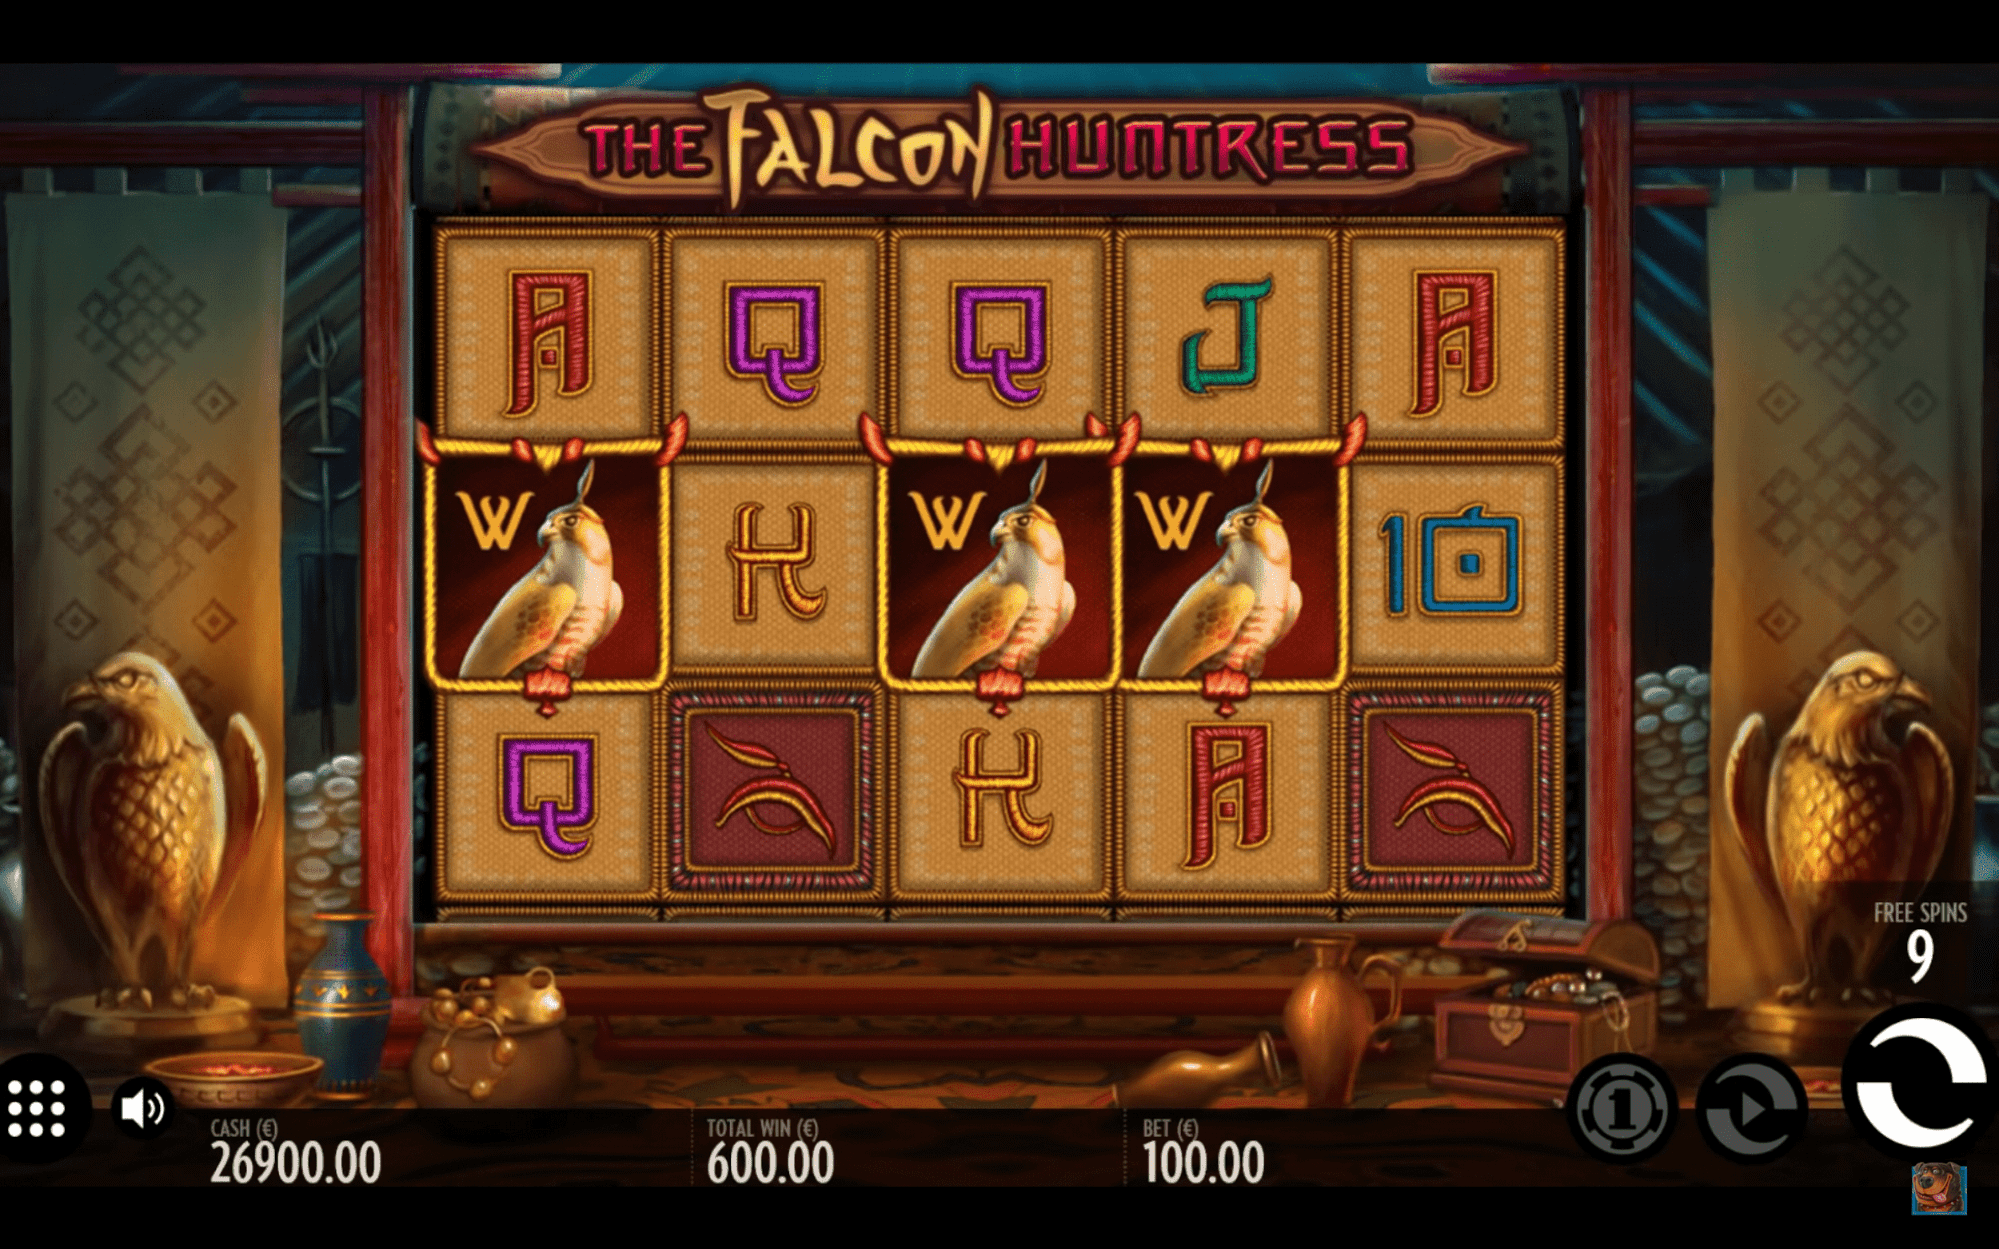 Spielen Sie The Falcon Huntress Slot Machine im Betchaser Casino-3